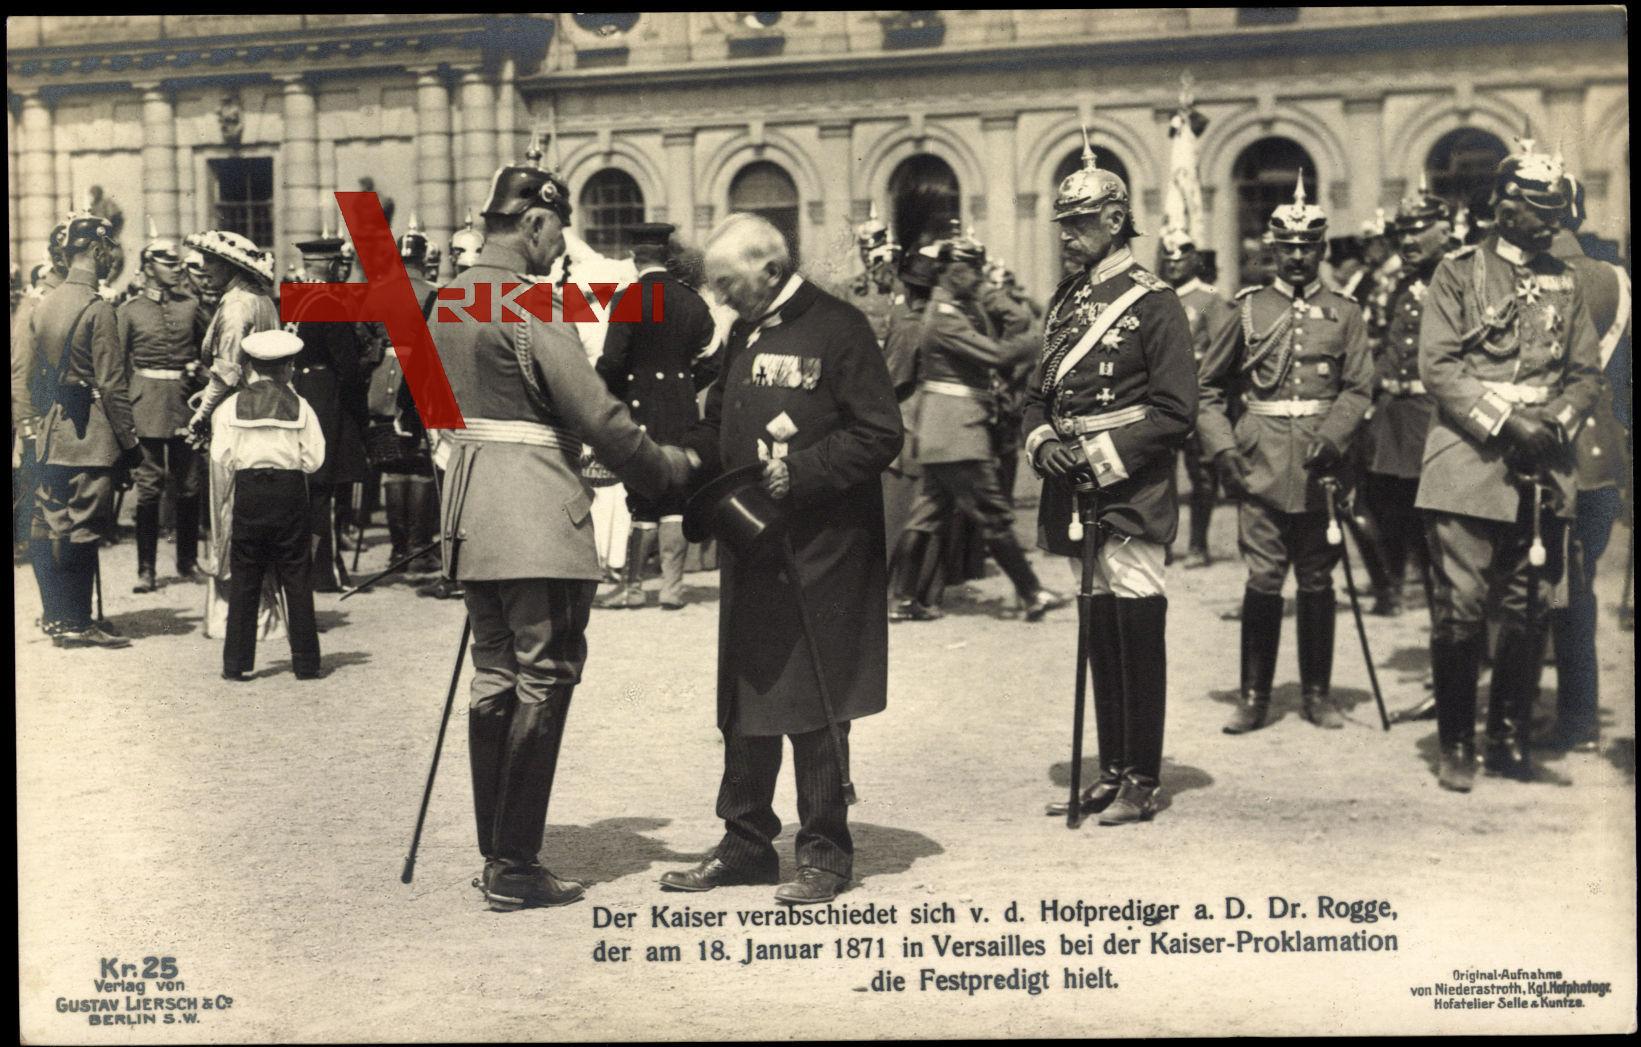 Kaiser Wilhelm II. verabschiedet sich vom Hofprediger